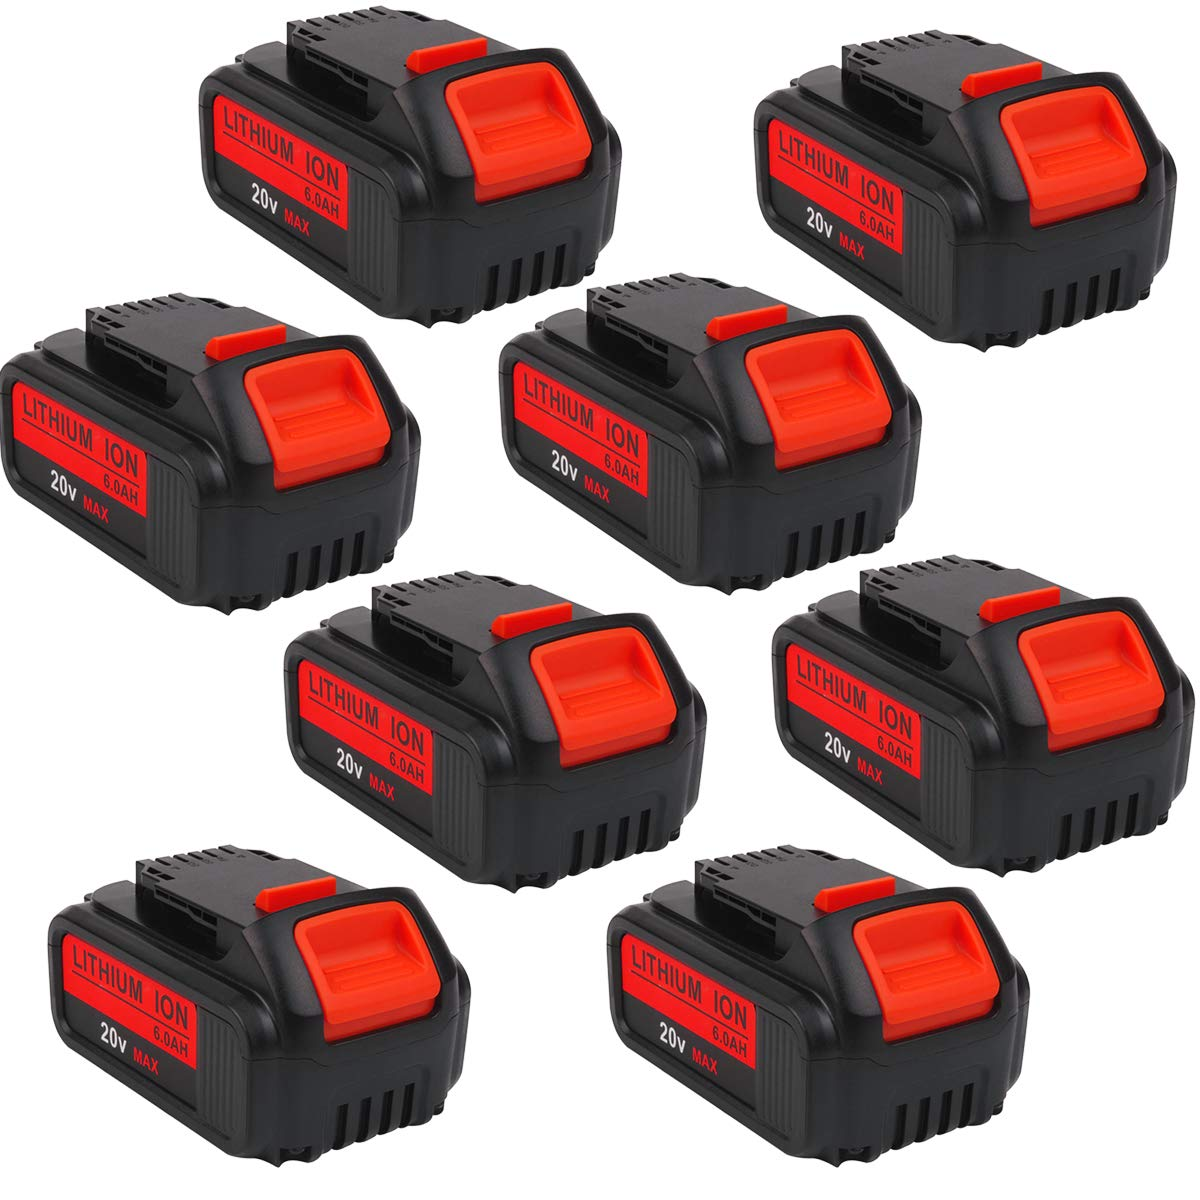 8-Pack 20V 6.0Ah DCB205 Premium Battery for DeWalt 20Volt Battery Lithium Ion MAX XR DCB204 DCB205 DCB206 DCB205-2 DCB200 DCB180 DCD985B DCD771C2 DCS355D1 DCD790B